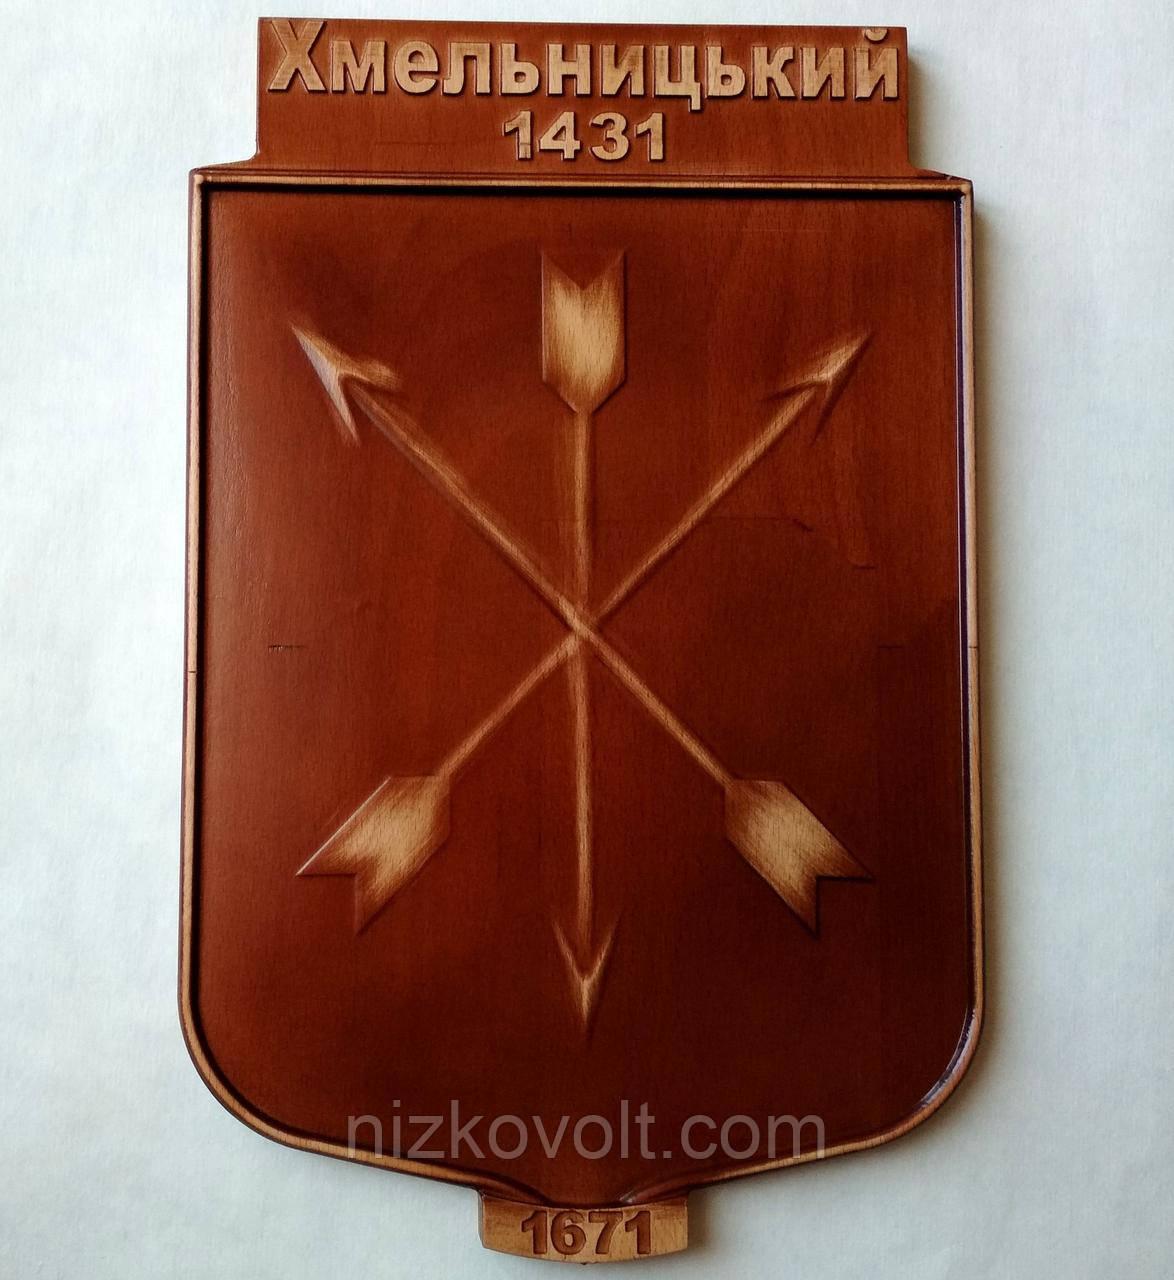 Резной герб Хмельницкого из дерева 200х310х18 мм